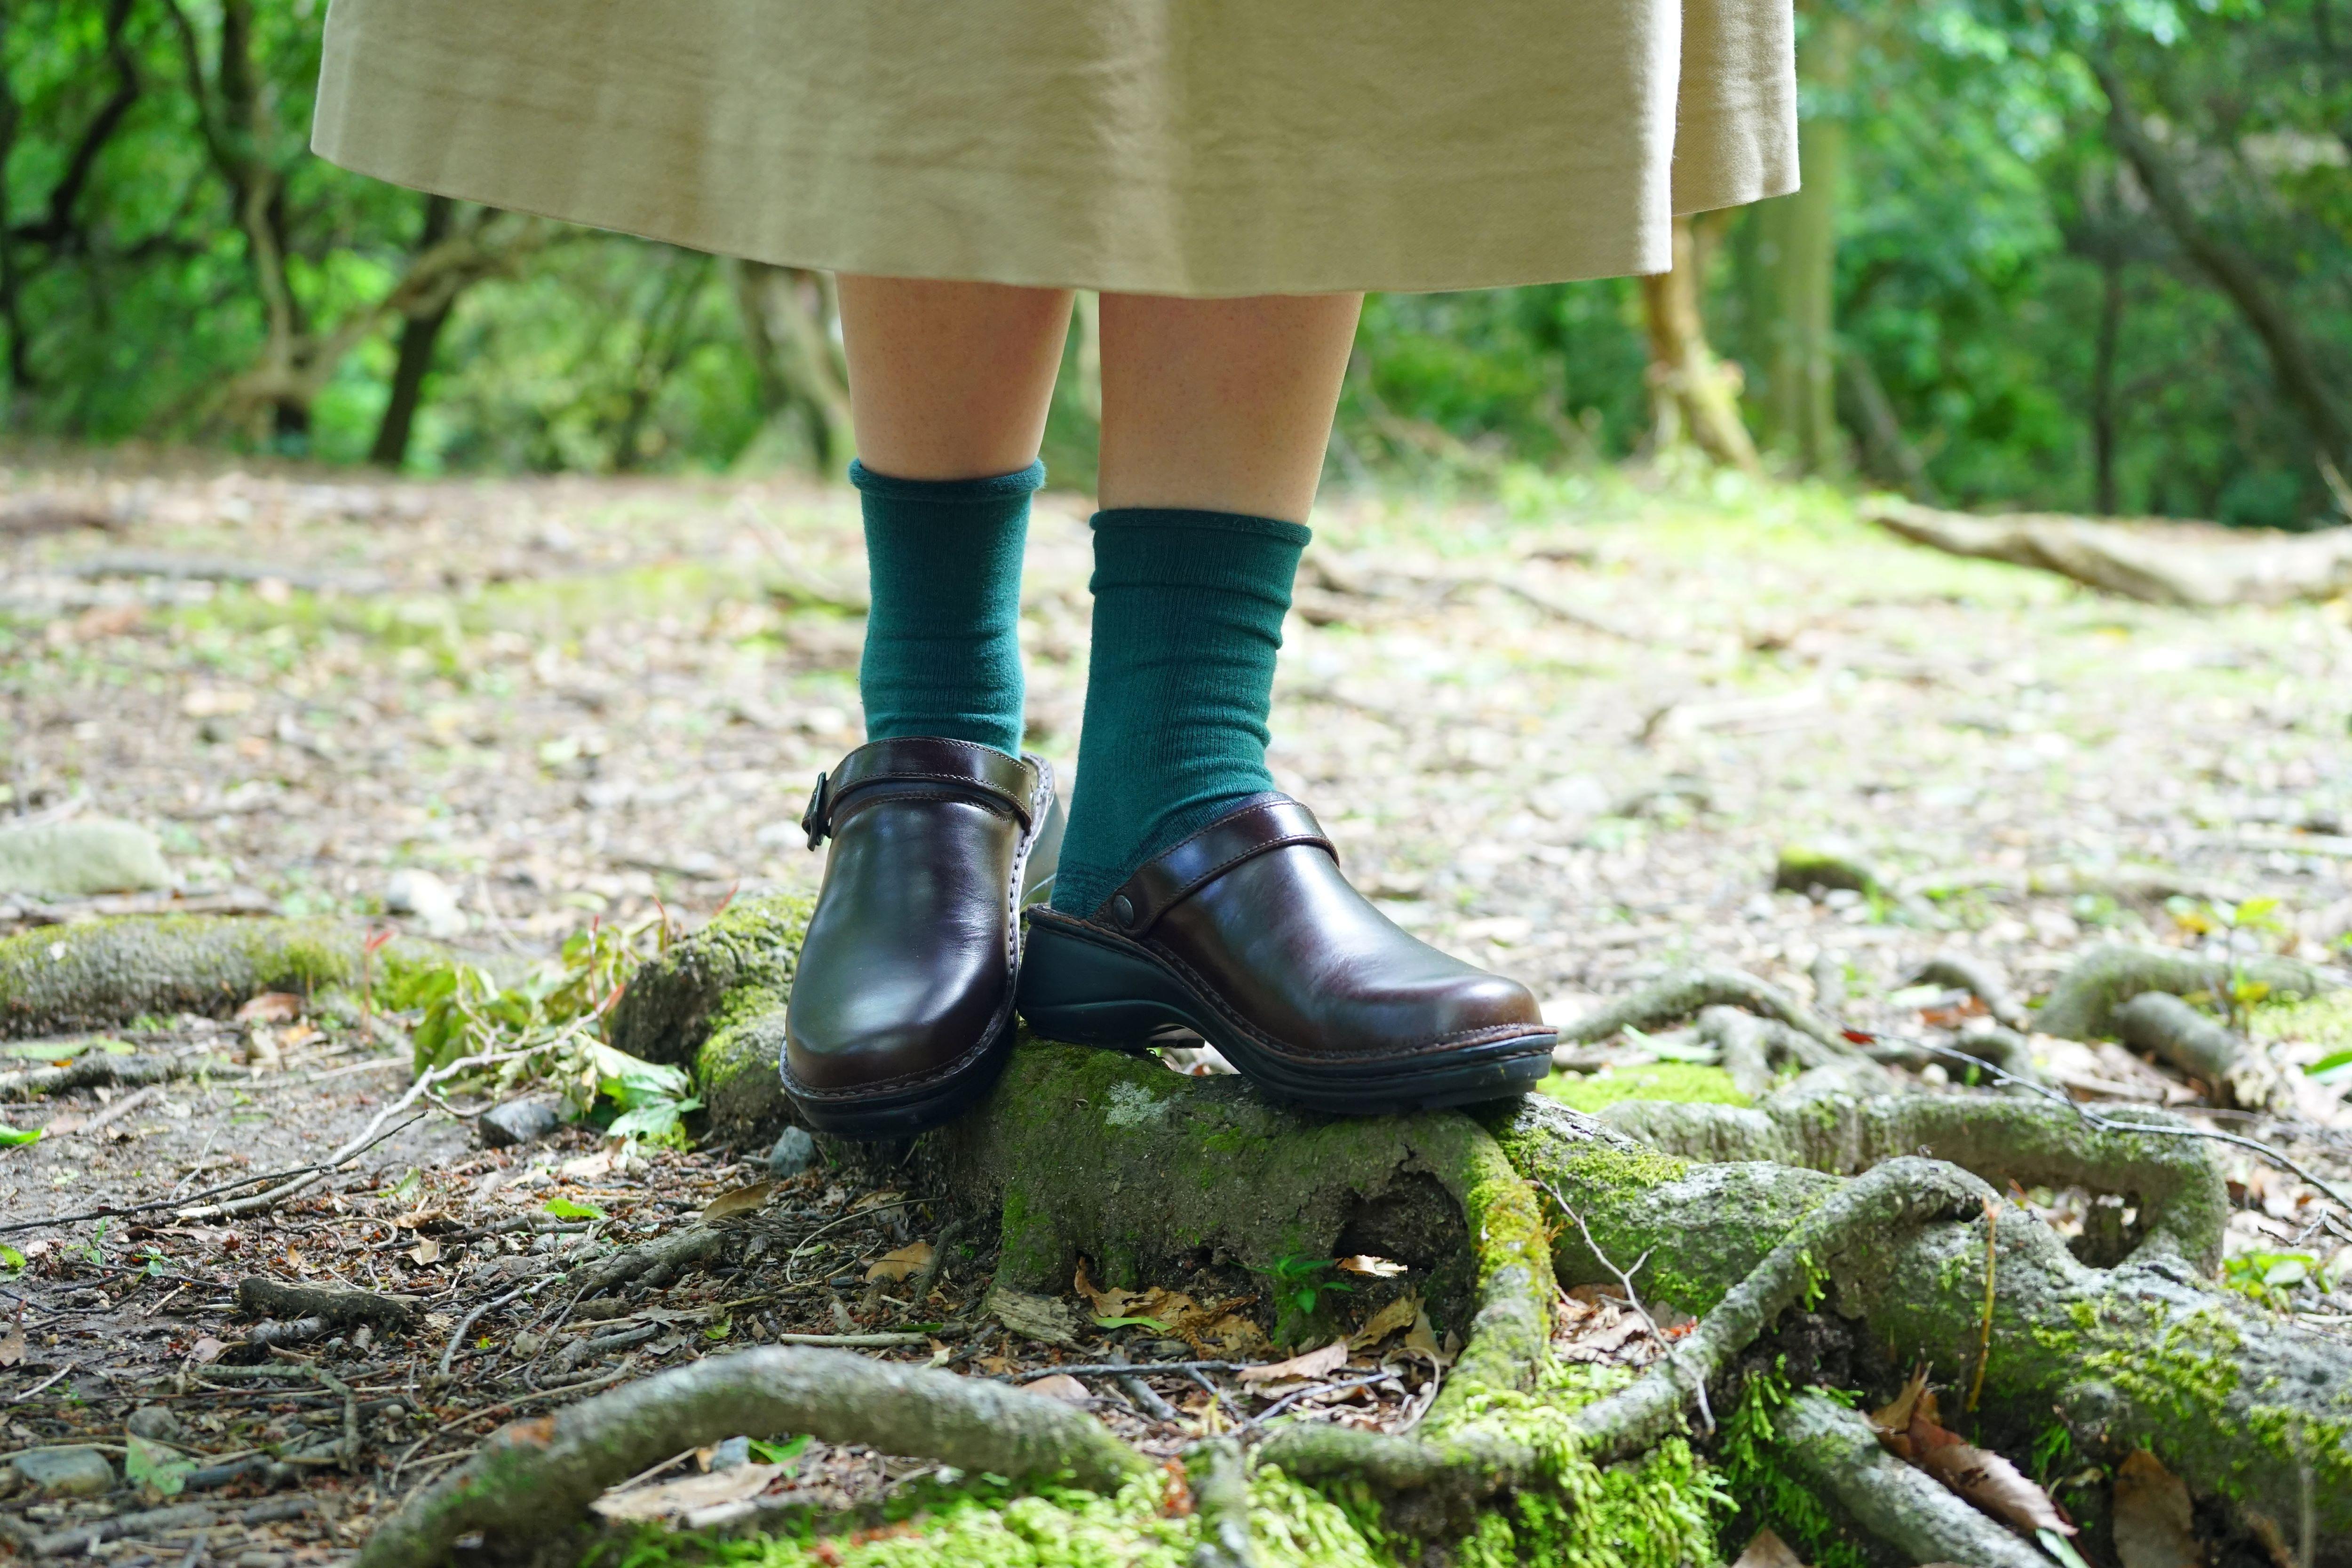 毎日の「歩く」が嬉しくなる靴さがし。革靴のお店「NAOT AICHI」が新しくオープン。 - 86e1893242a240caadbbc759130aaa0b